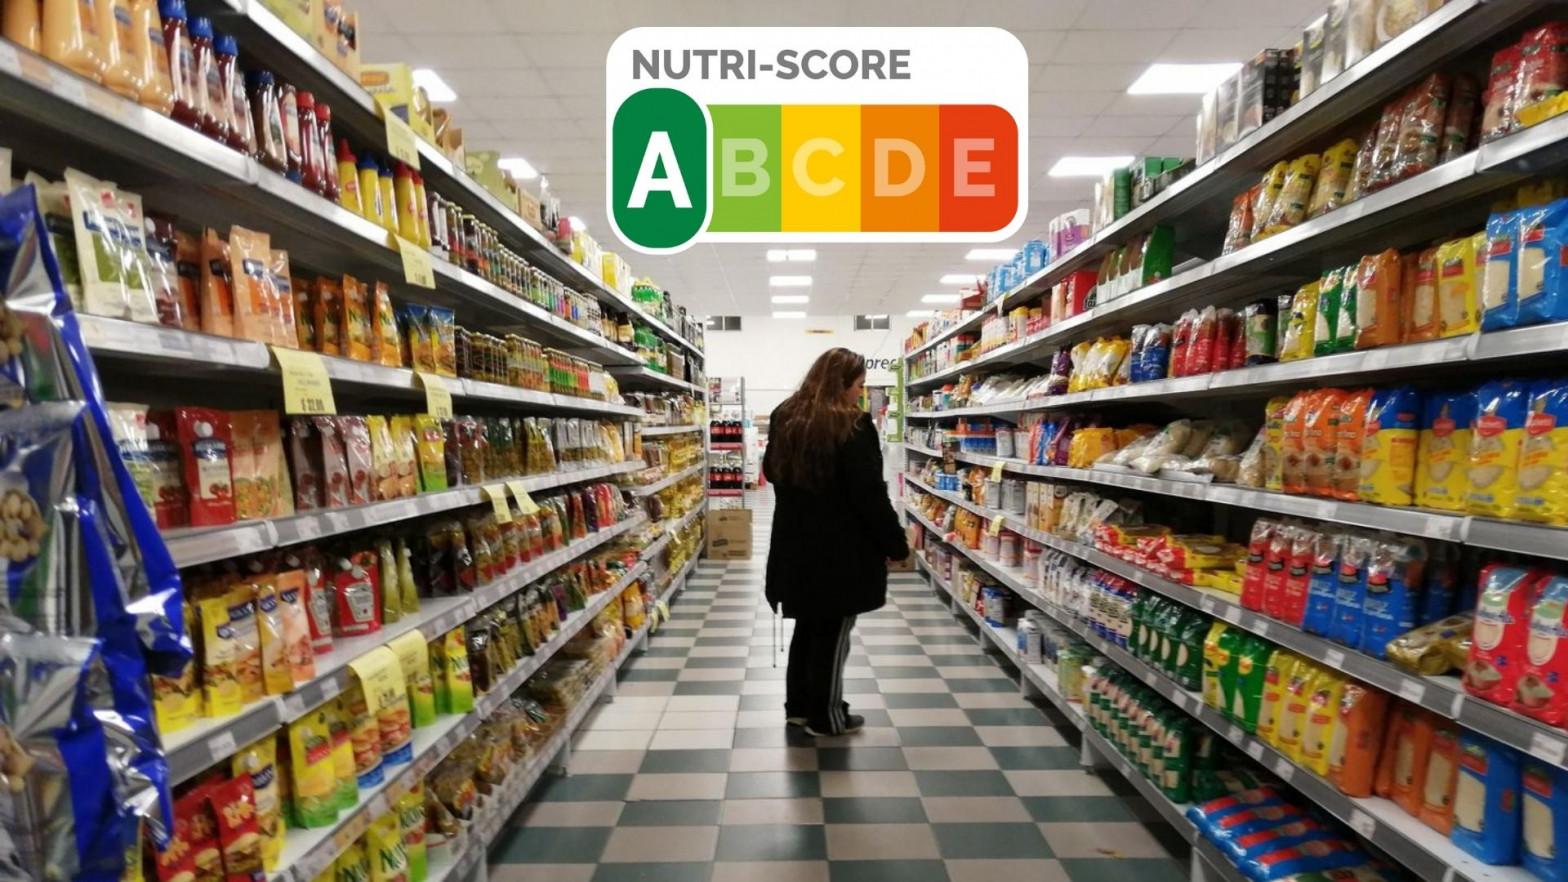 """El """"injusto"""" semáforo de Nutriscore: luz verde al azúcar y roja a los alimentos saludables"""